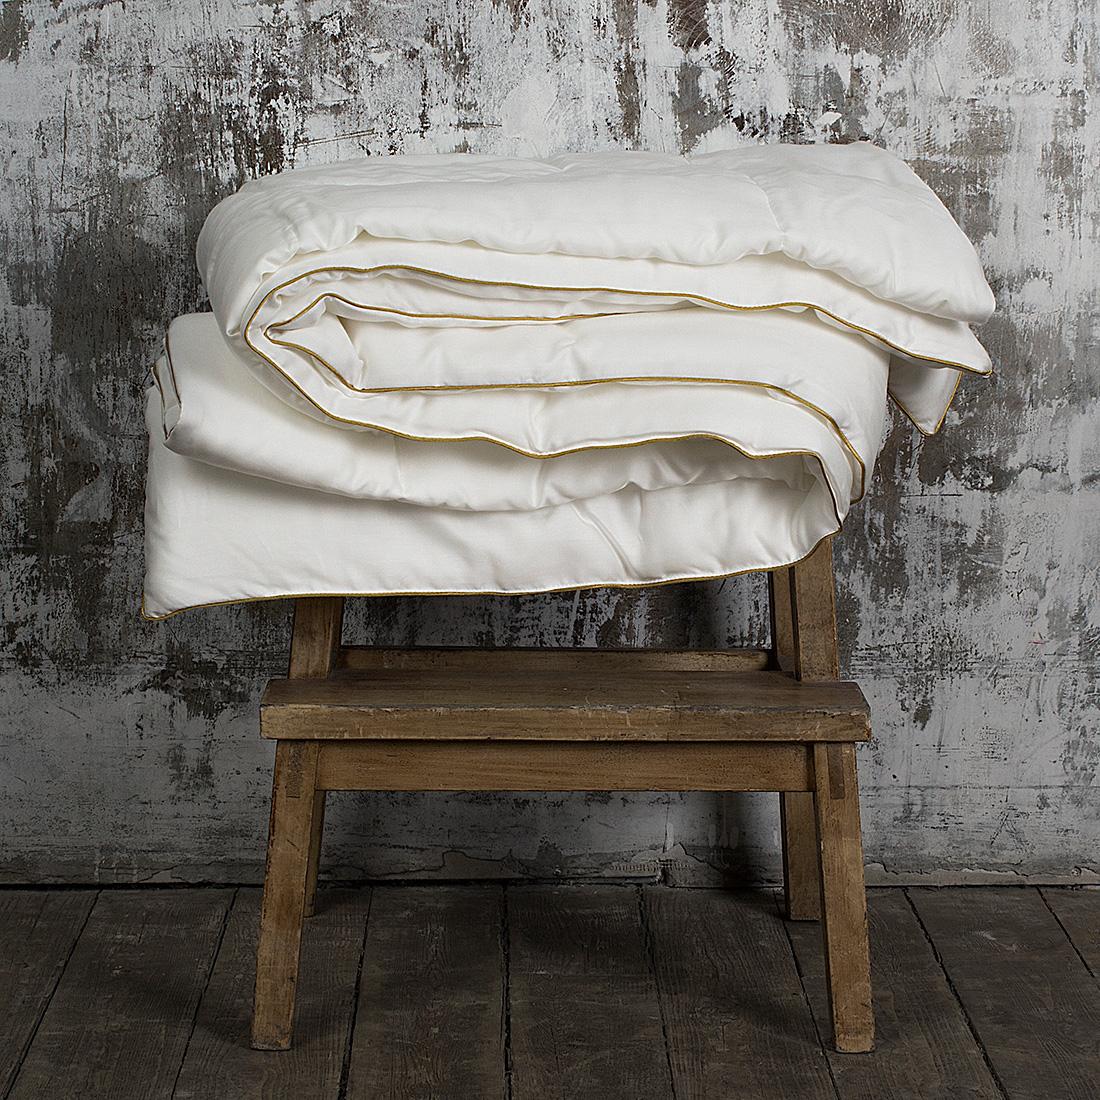 """Легкое одеяло William Roberts """"Sensual Tencel"""" с наполнителем из эвкалиптового волокна  подарит вам спокойный и здоровый сон. Эвкалиптовое волокно обладает антибактериальными свойствами и абсолютно  гипоаллергенно. Отлично впитывает и испаряет влагу, обеспечивает великолепный  теплообмен. Чехол одеяла выполнен из эвкалиптового сатина (100% тенсел). Одеяло простегано  и окантовано. Стежка надежно удерживает наполнитель  внутри и не позволяет ему скатываться.   Плотность наполнителя: 150 г/м2. Размер: 155 х 200 см."""